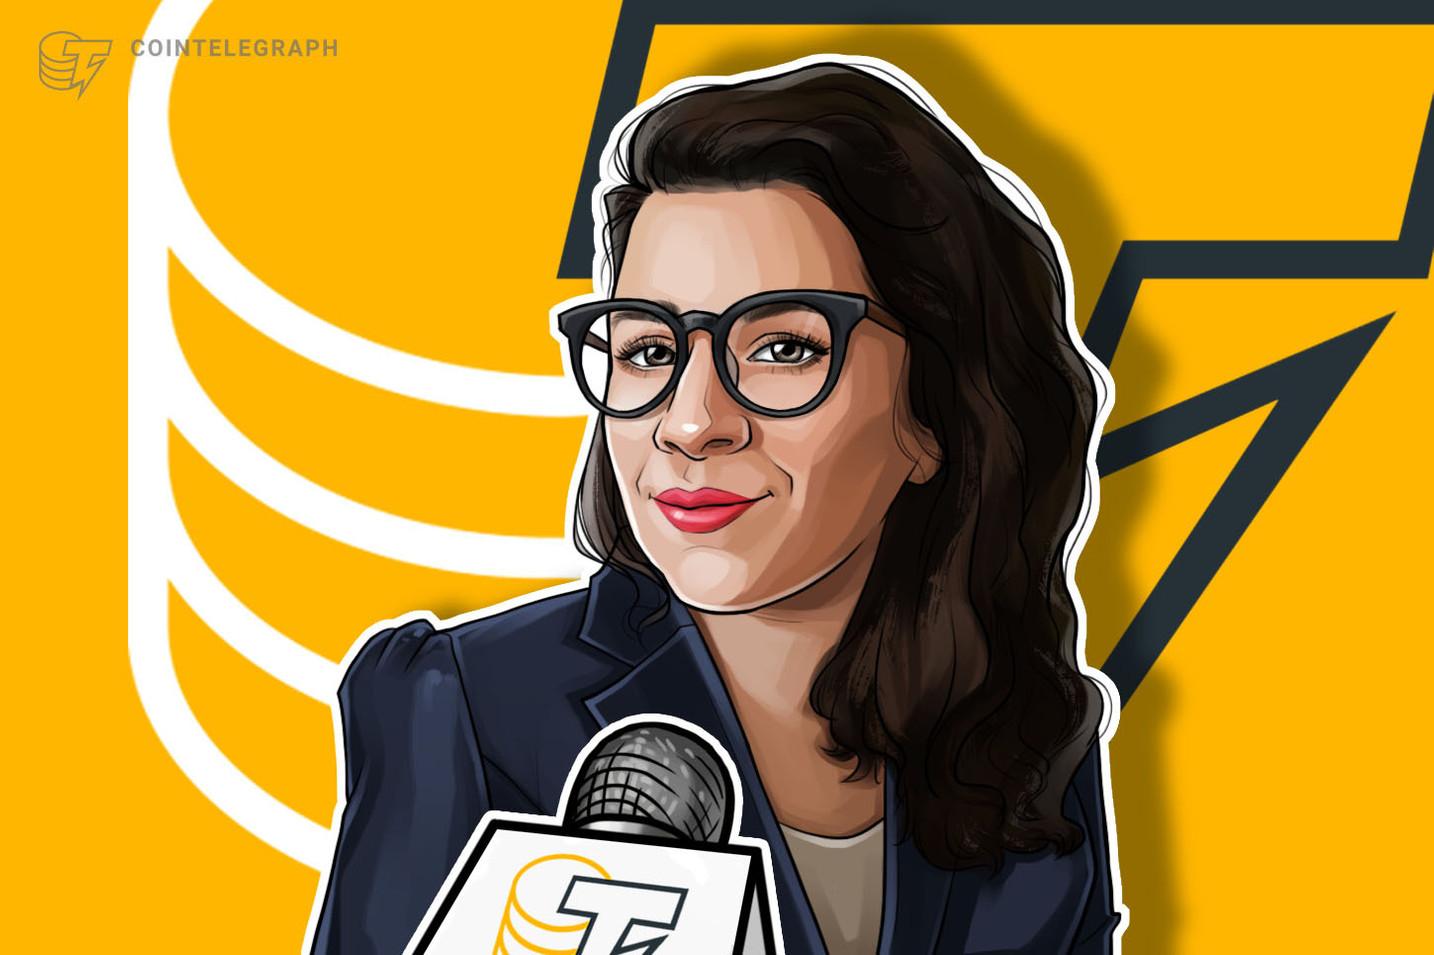 """Marie Tatibouet, CMO de Gate.io: """"El mercado cripto en Latinoamérica está en expansión"""""""